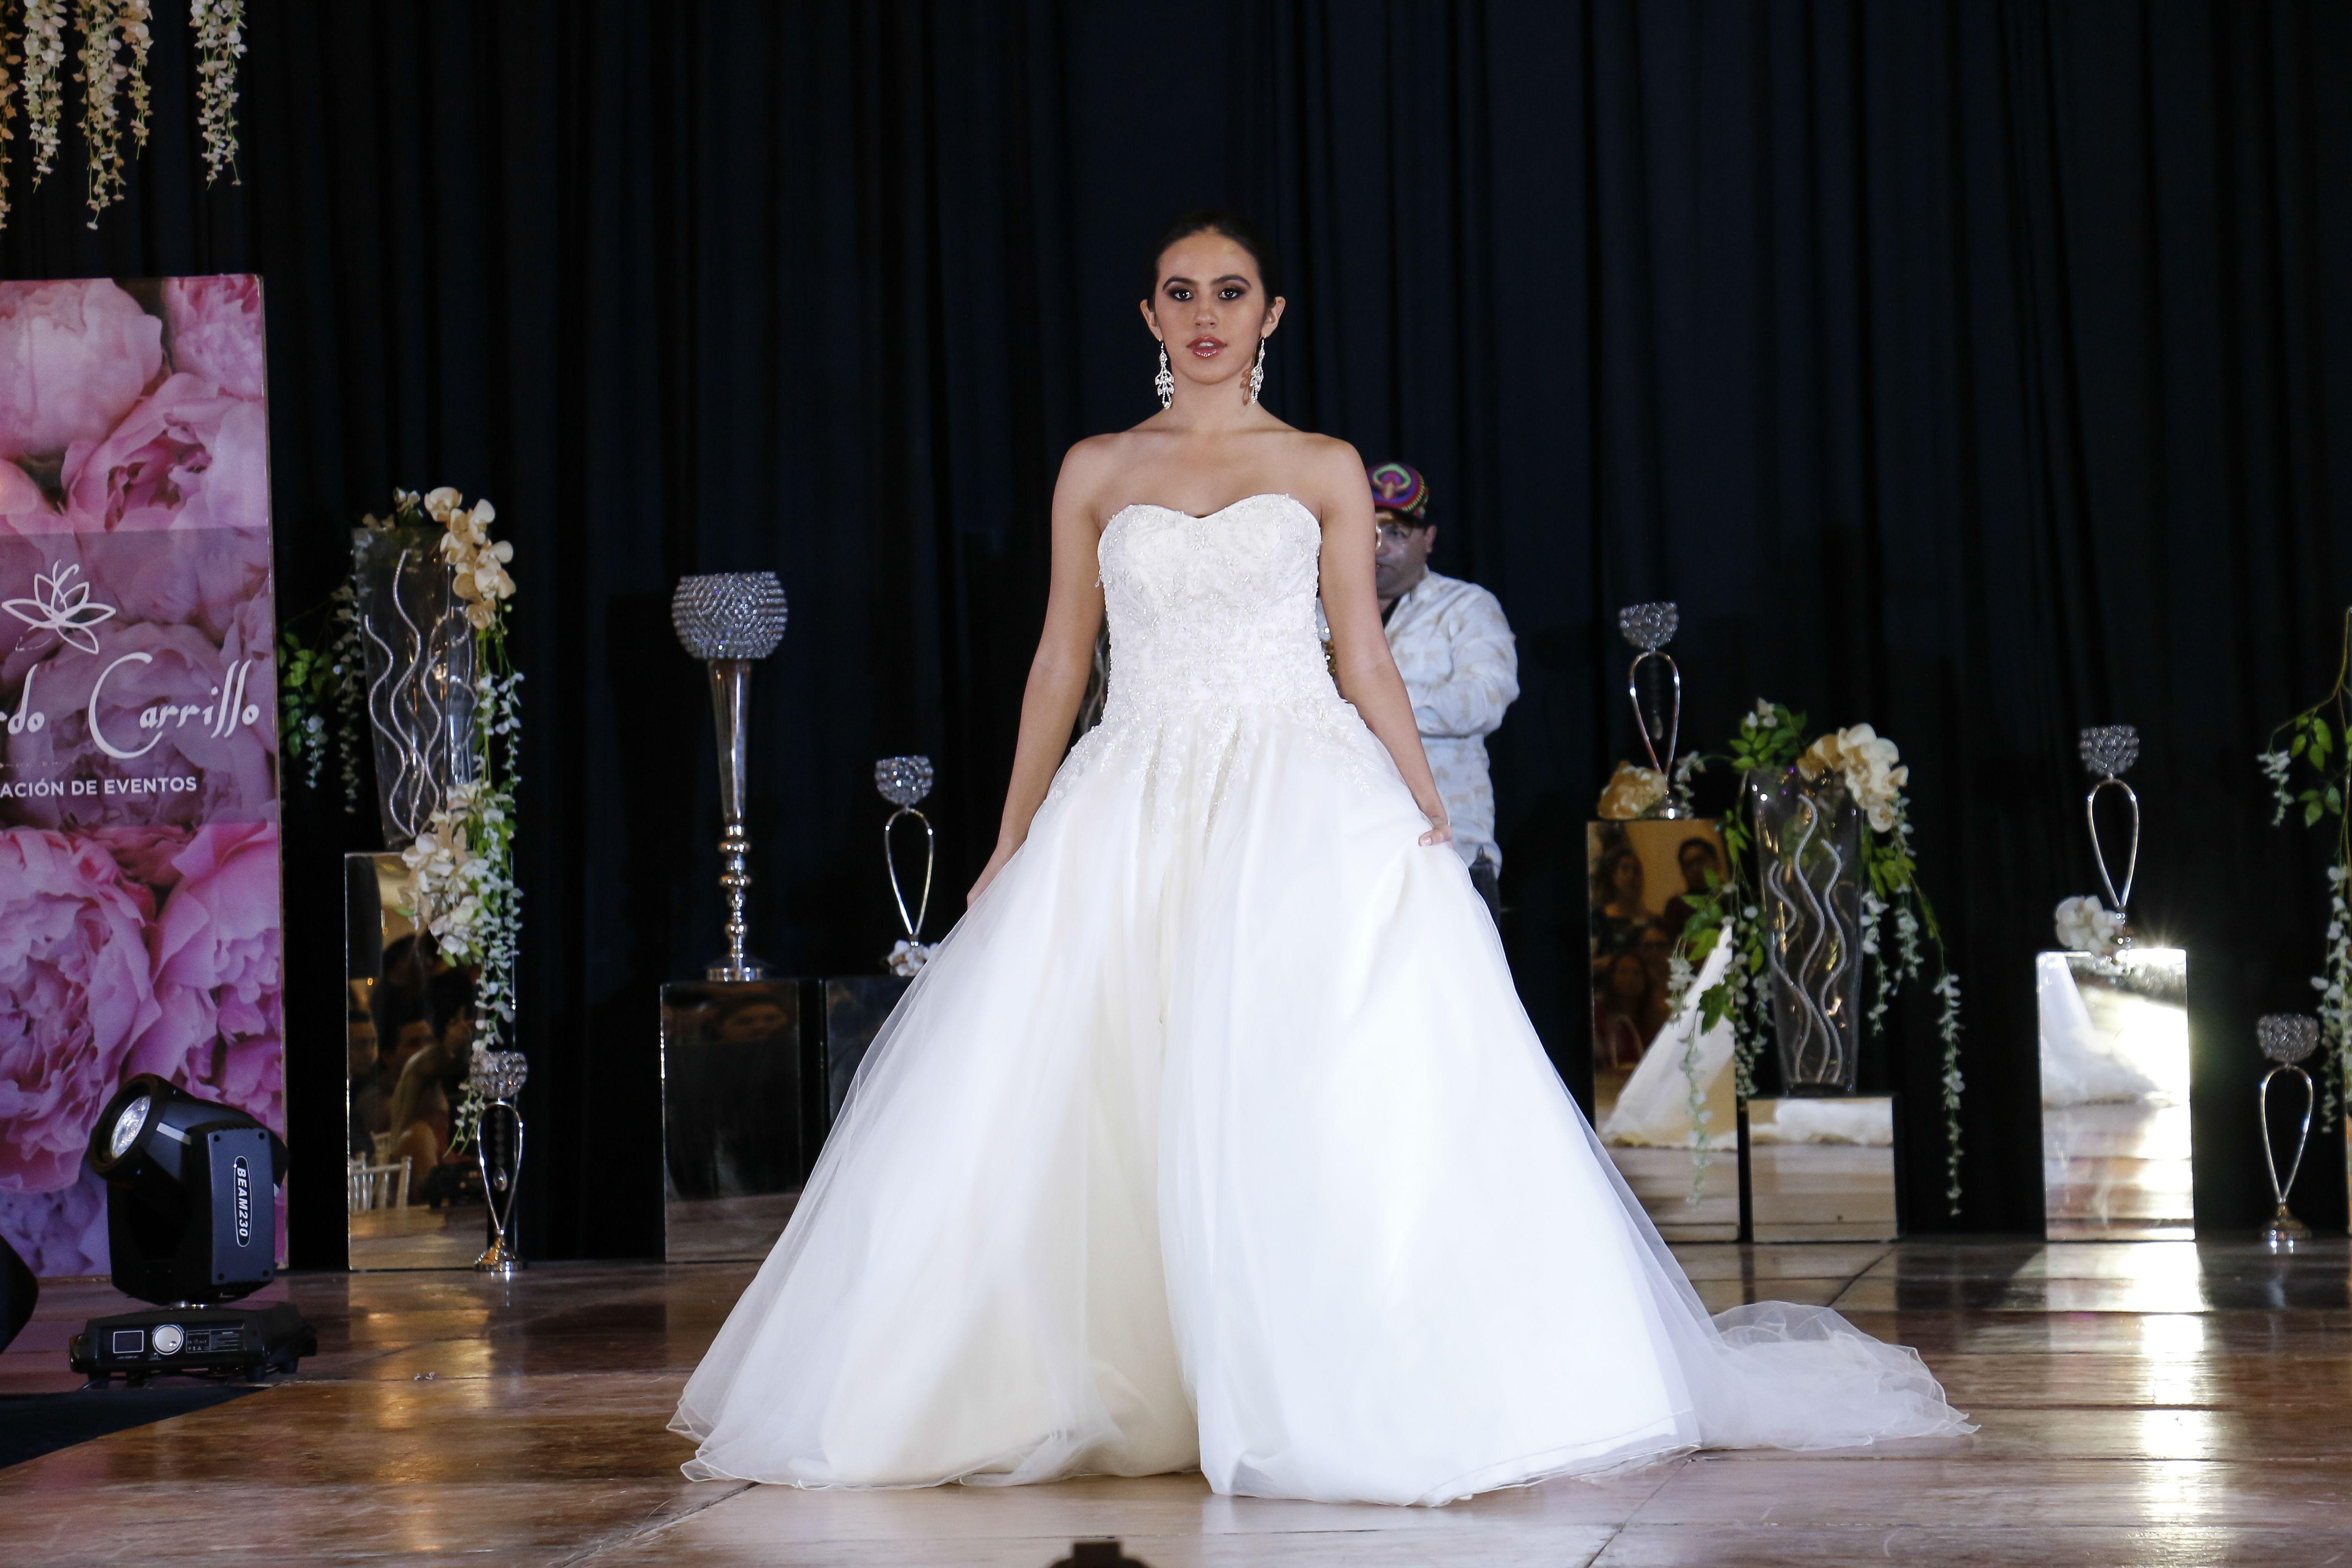 Tienda de vestidos de novia en merida yucatan